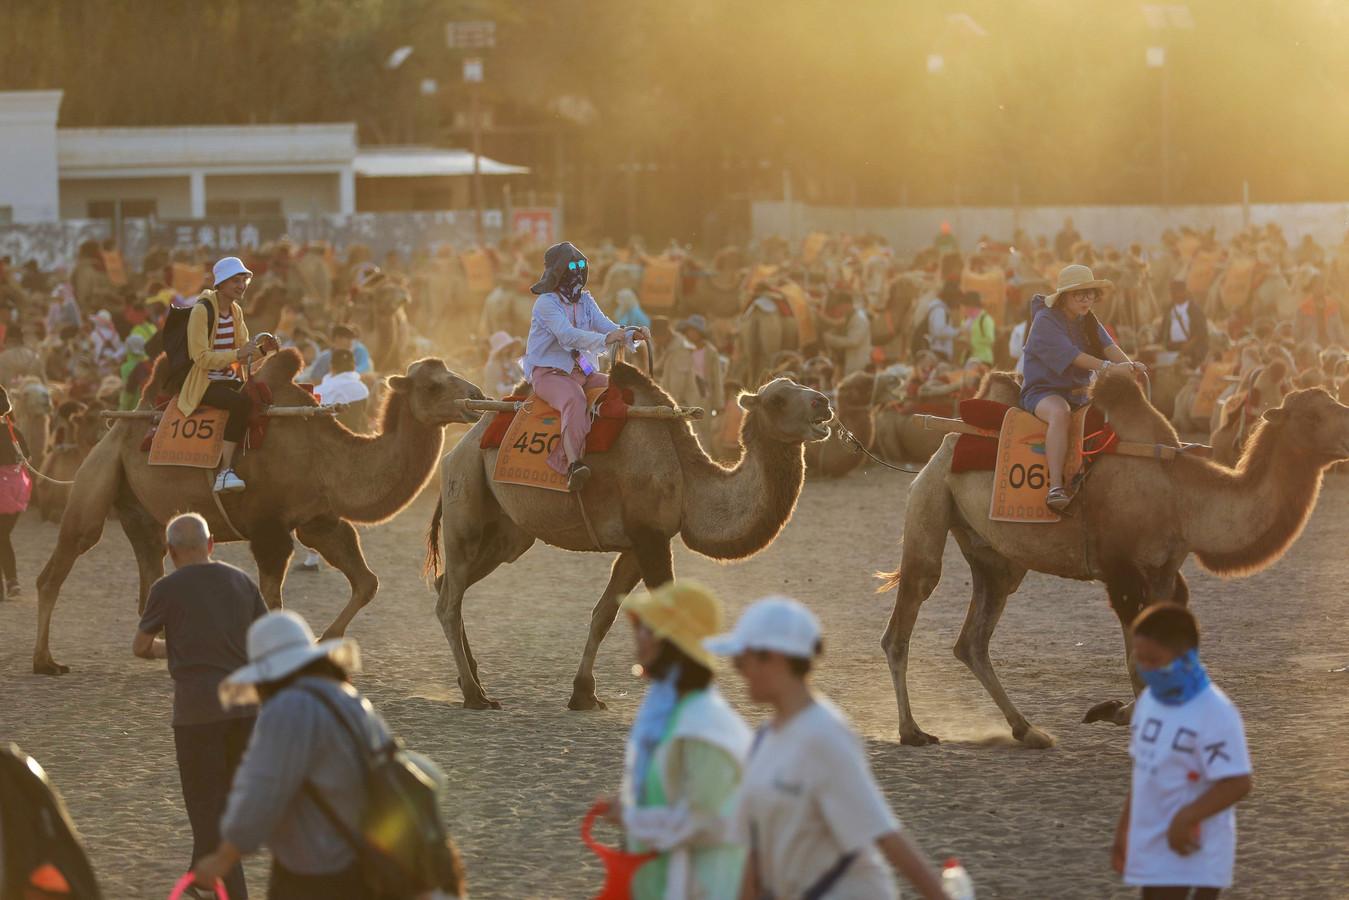 Toeristen op hun kamelen.